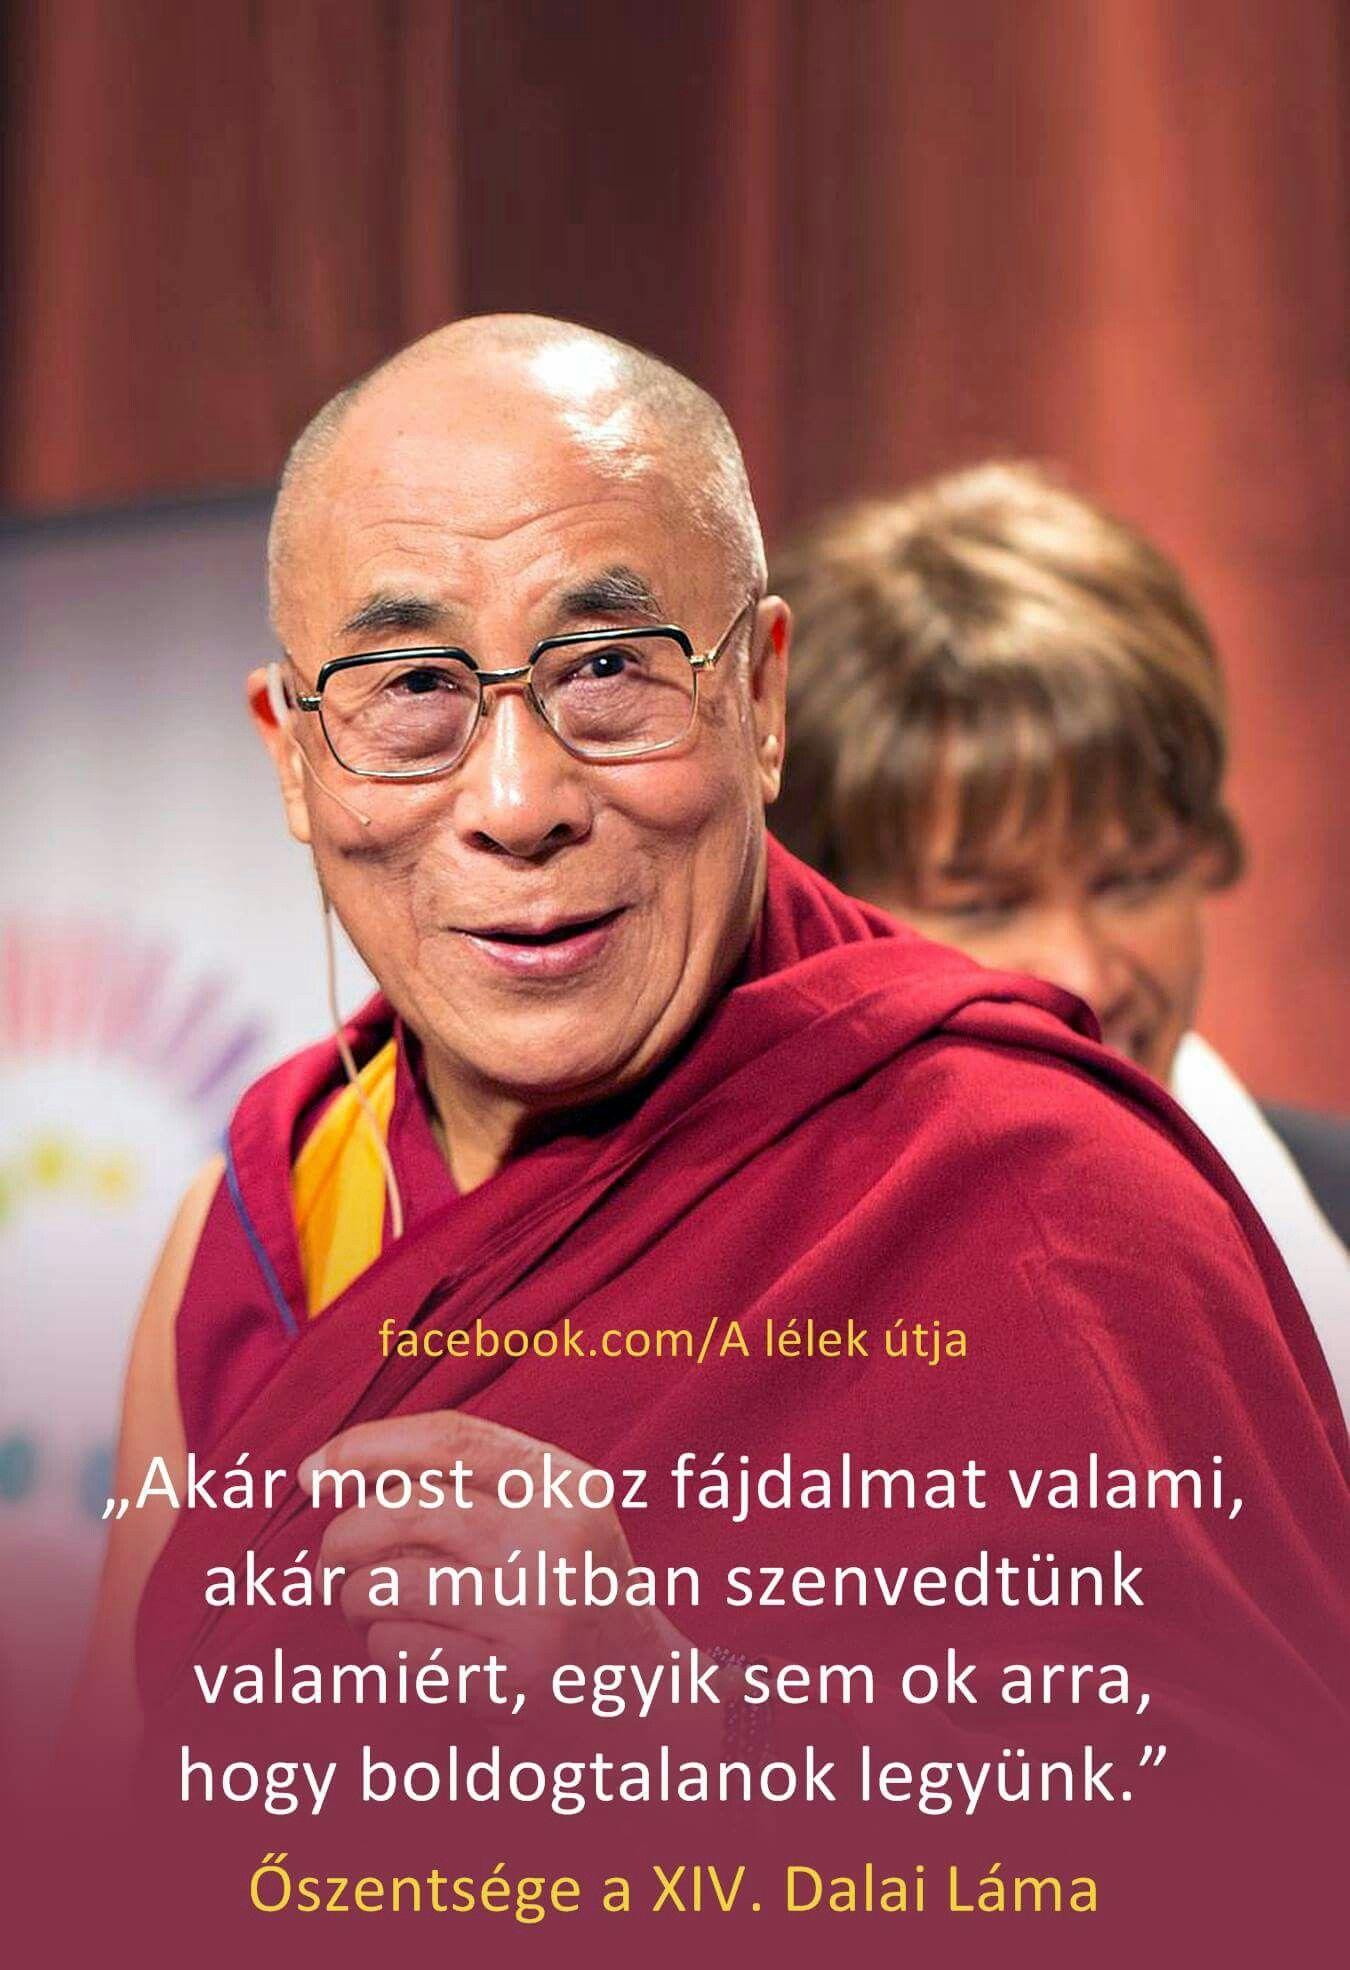 dalai láma idézetek képekkel Pin by ProFitt on Inspiráció ❤ Idézetek | Dalai lama, Funny